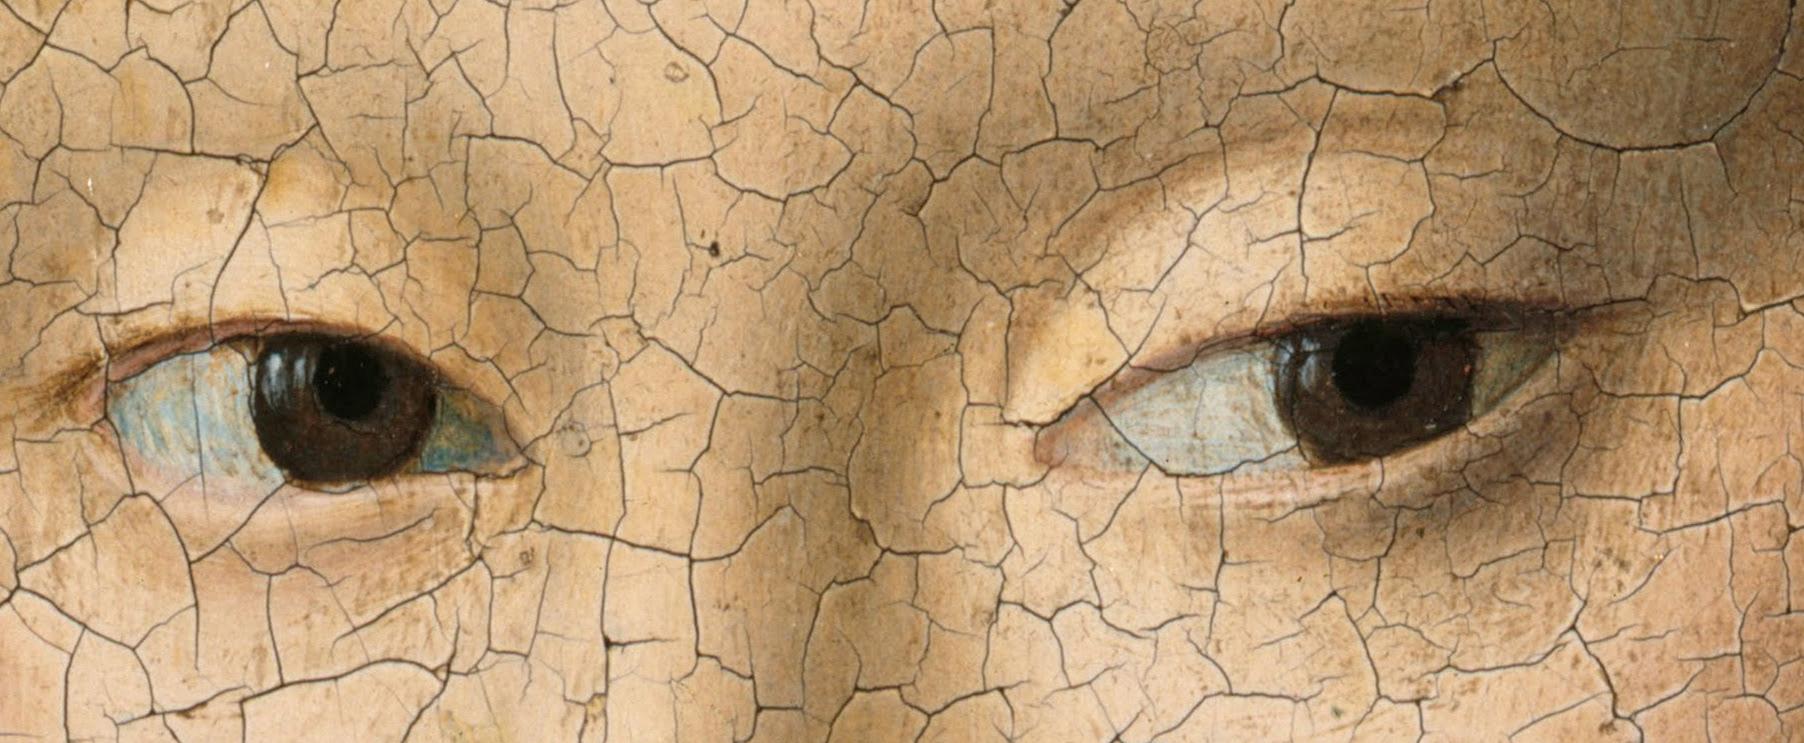 Az eredeti Petrus Christus-képen szereplő lány szemei